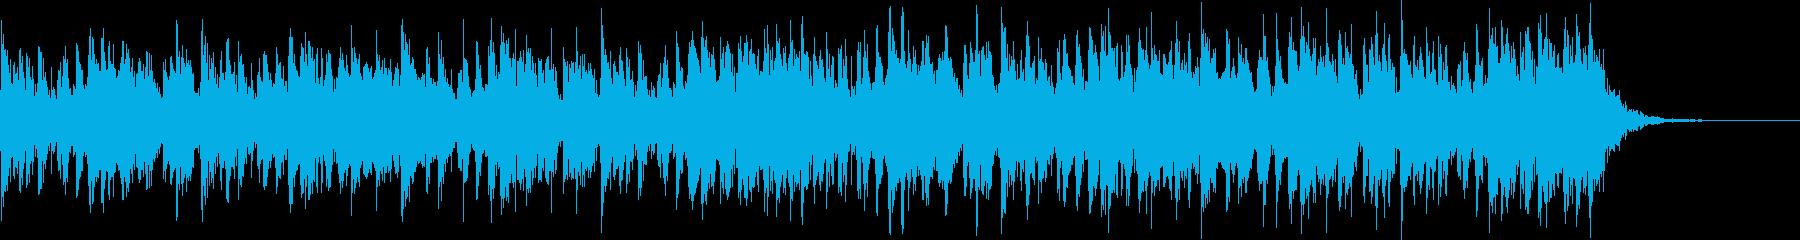 アップテンポで渋く激しい和太鼓+三味線の再生済みの波形